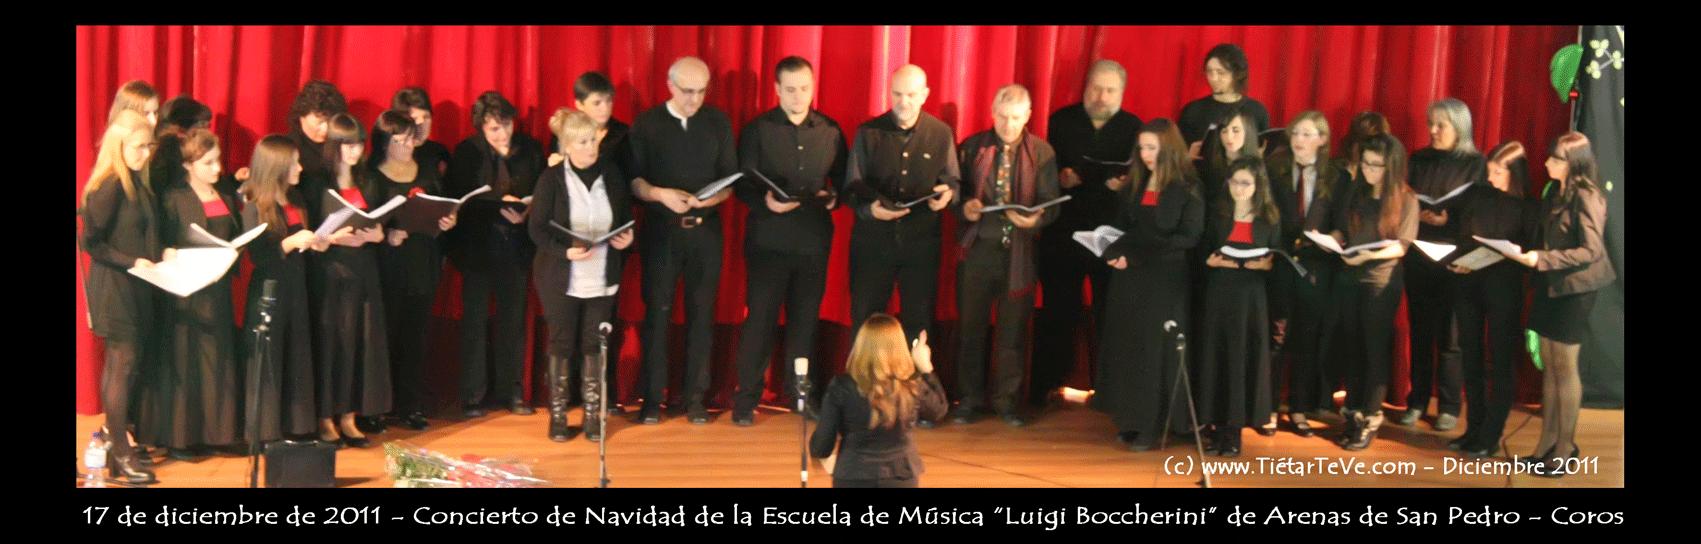 Coros de la Escuela Municipal de Música de Arenas de San Pedro